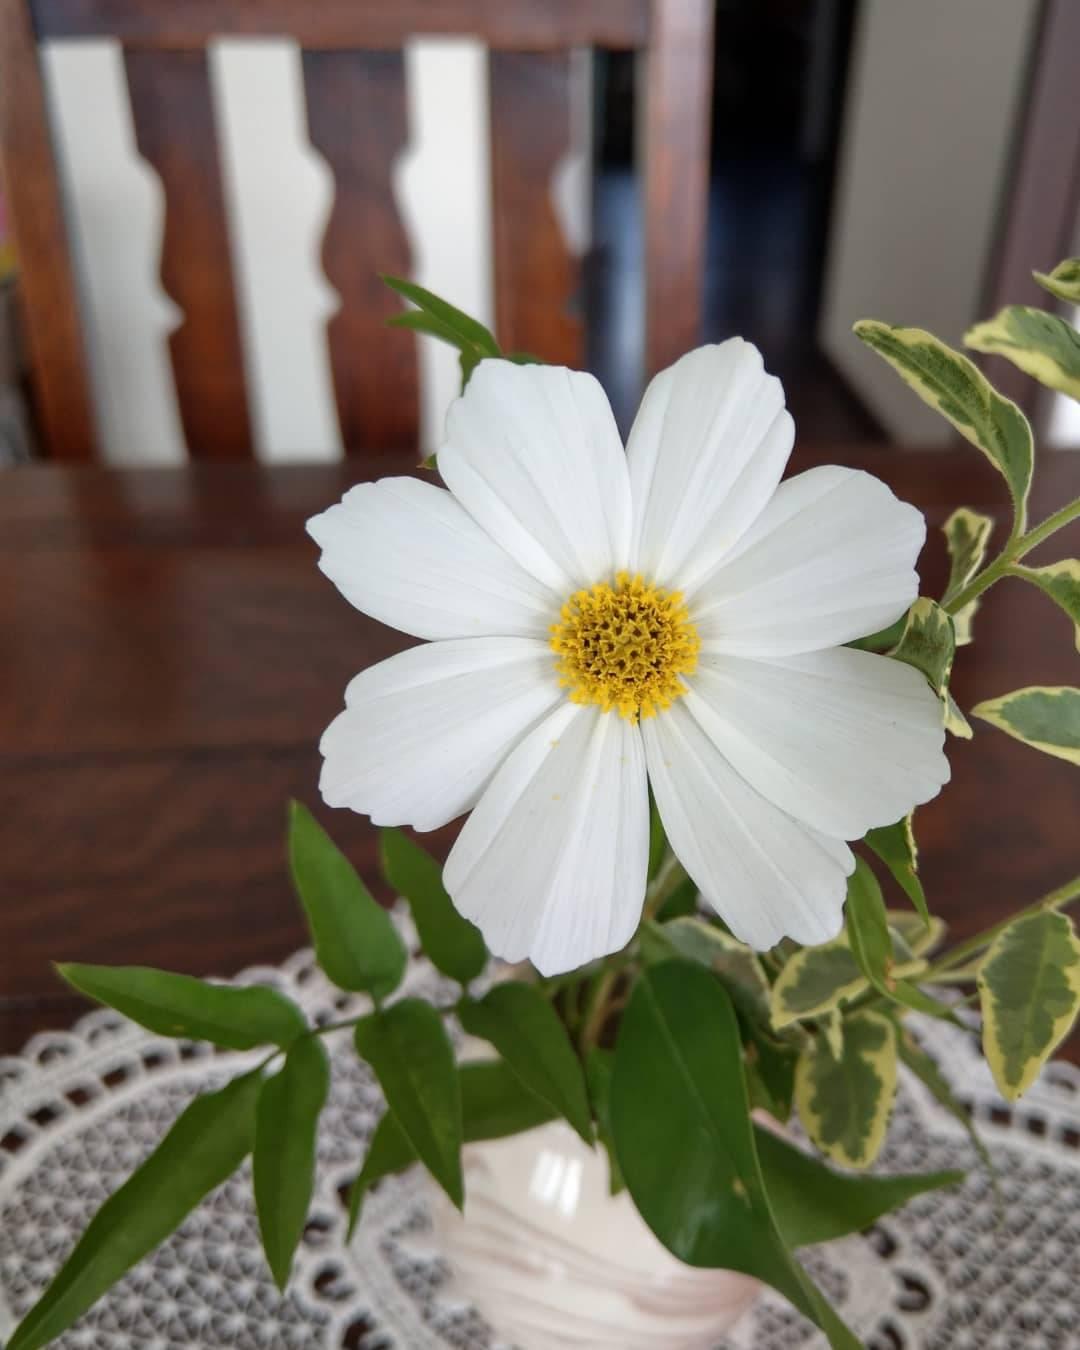 お庭のコスモスを一輪テーブルに飾るだけでも可愛い